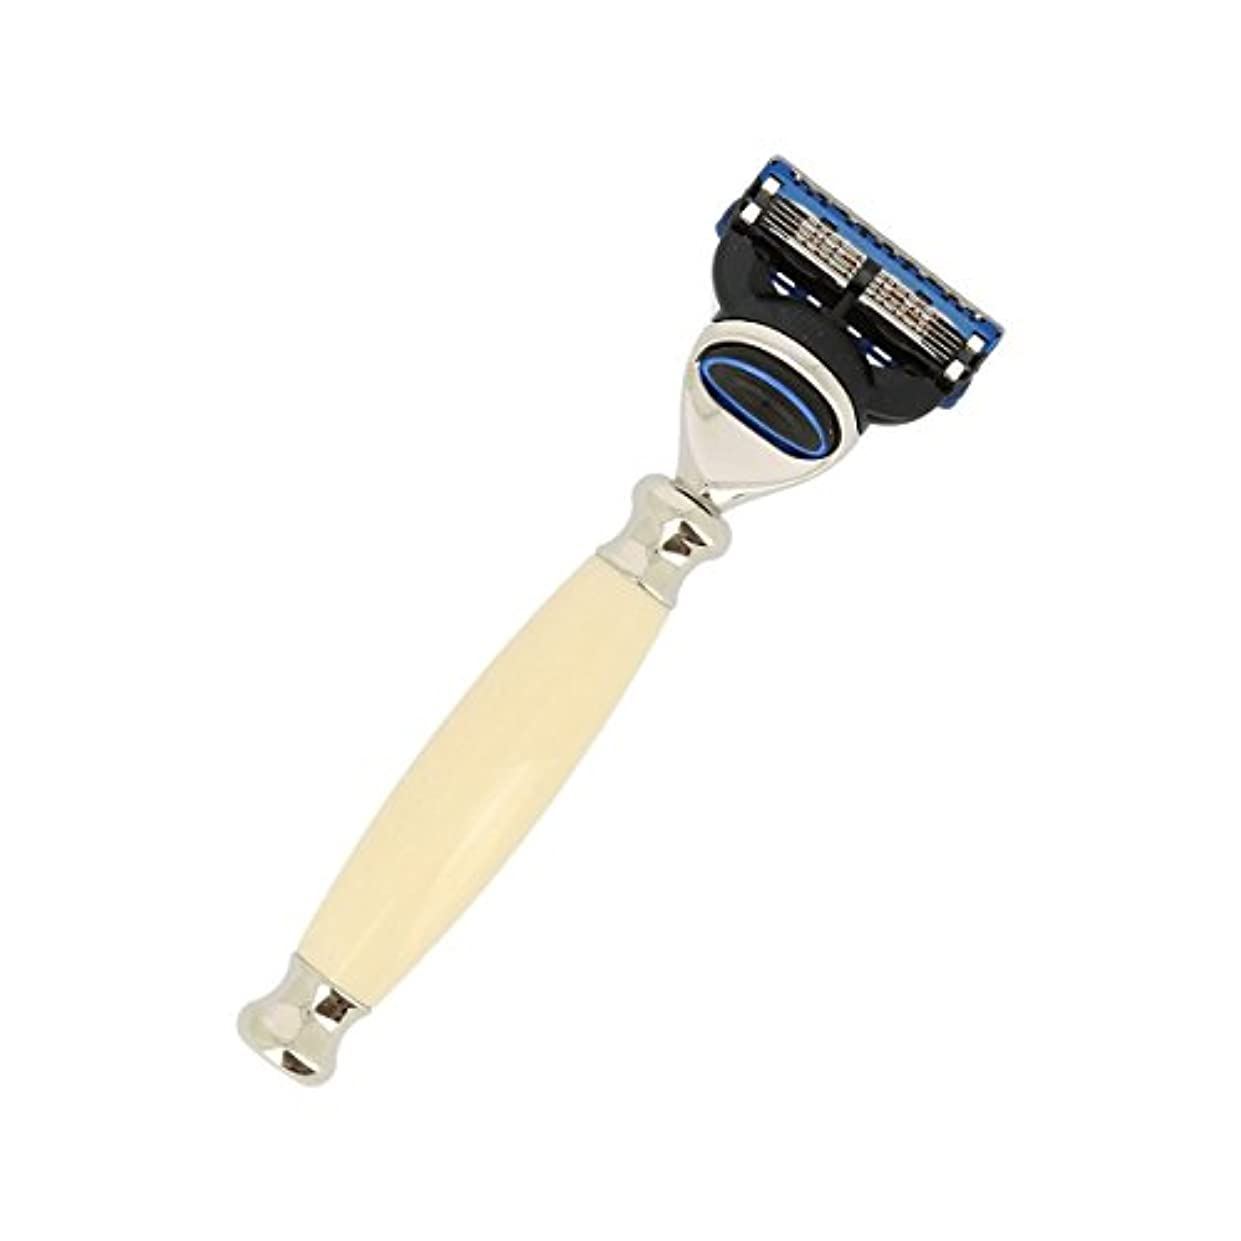 役に立つカメラまろやかなVulfix エドワーディアン フュージョン アイボリー レイザー[海外直送品] [並行輸入品]